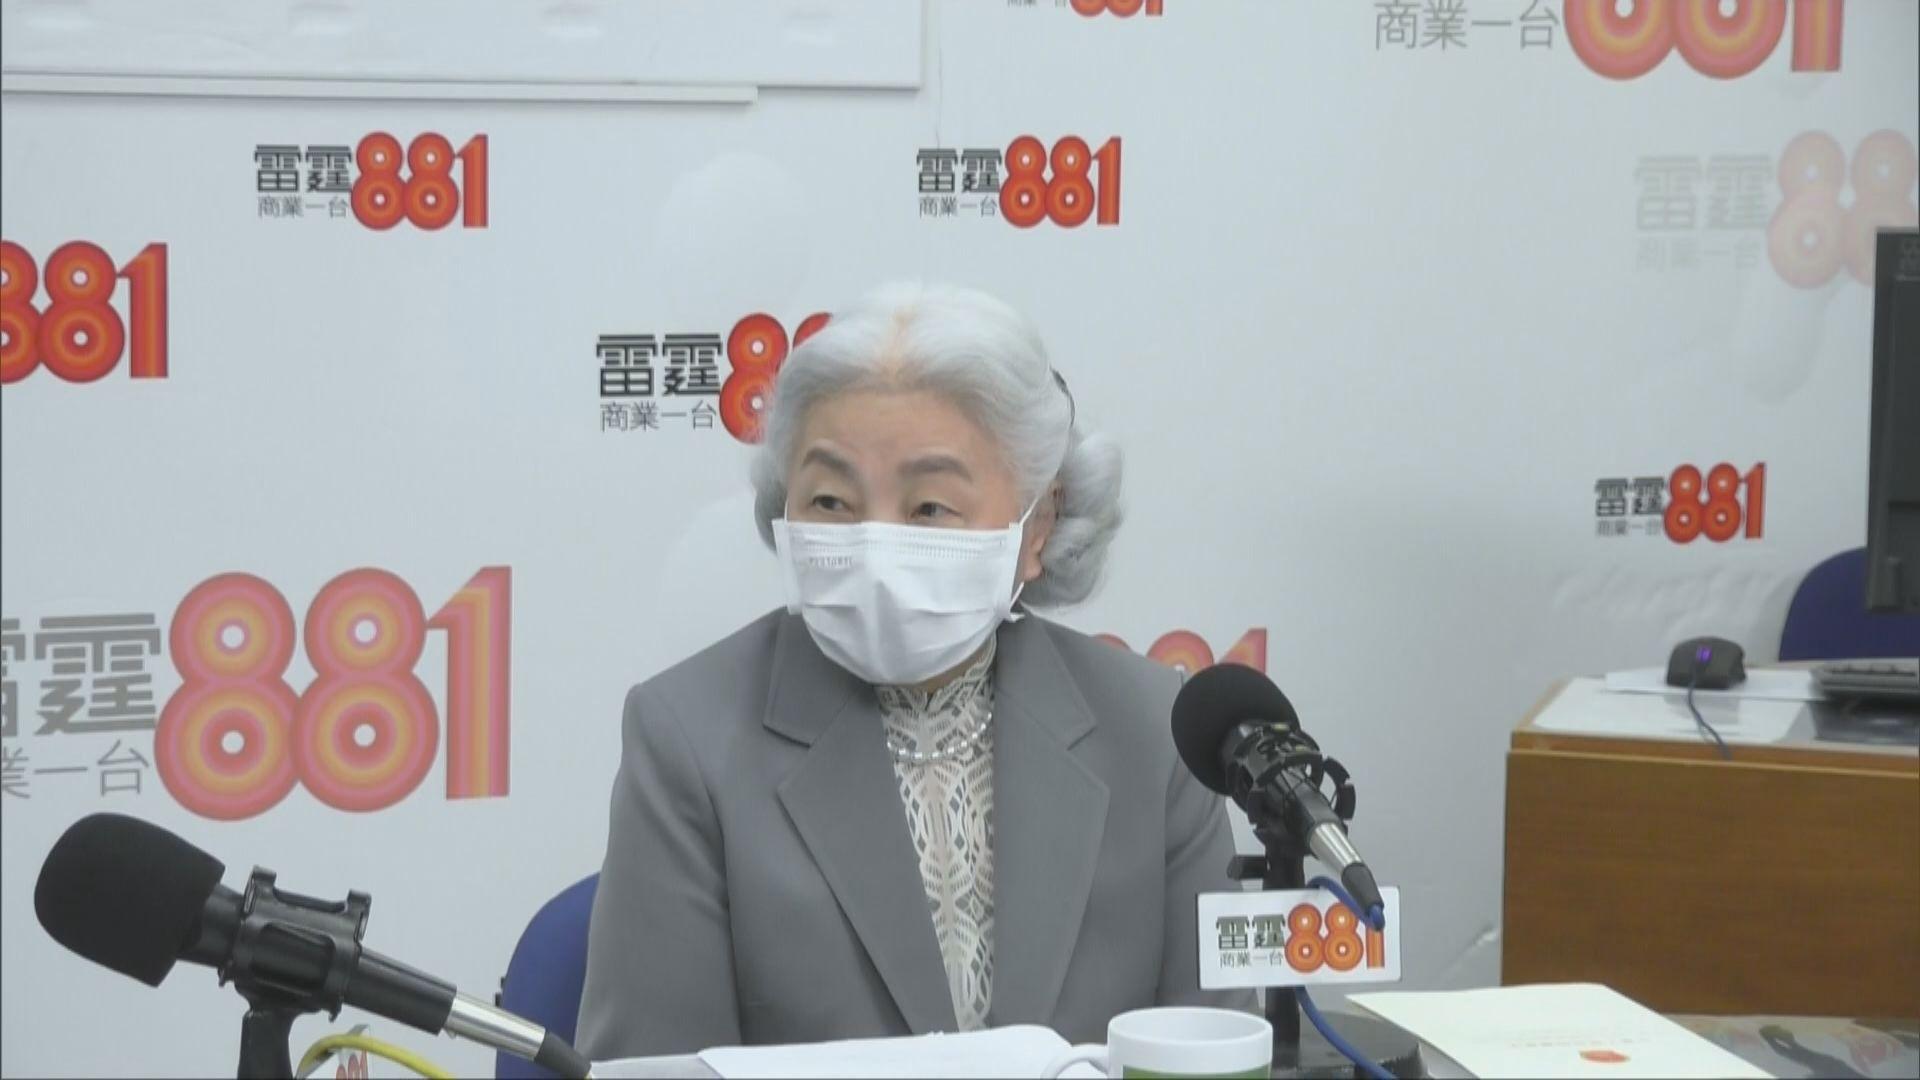 梁愛詩:香港國安法立法有迫切性 理解社會擔心